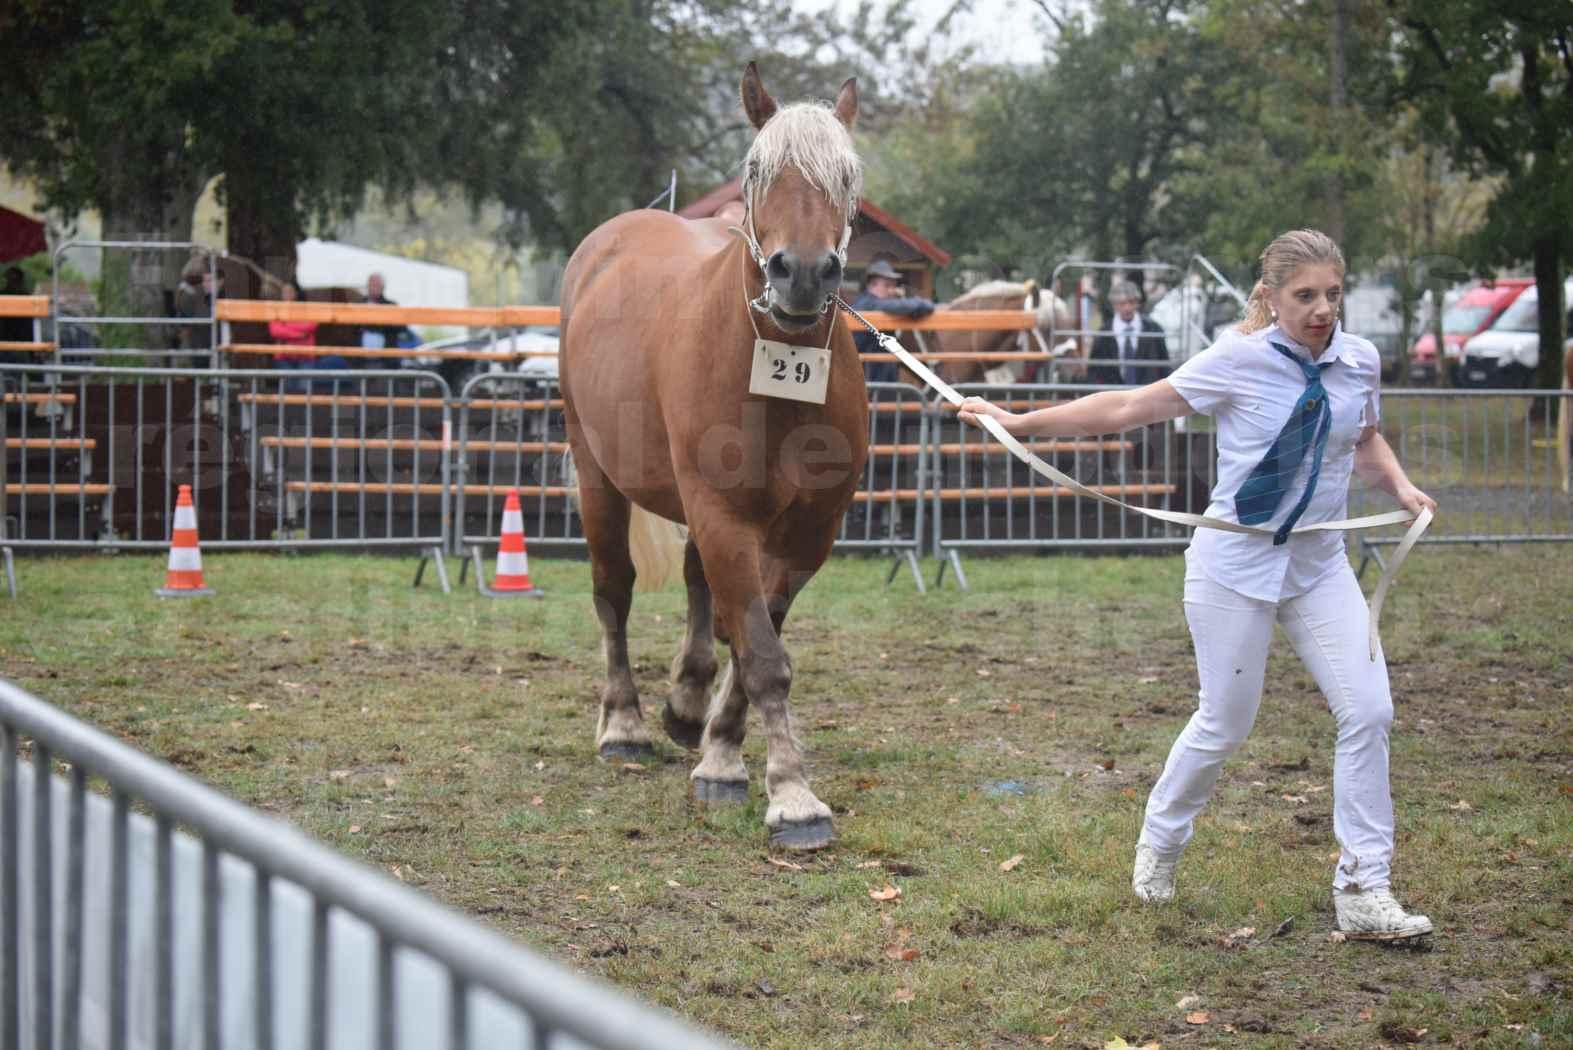 Concours Régional de chevaux de traits en 2017 - Trait COMTOIS - ELITE 14 - 24